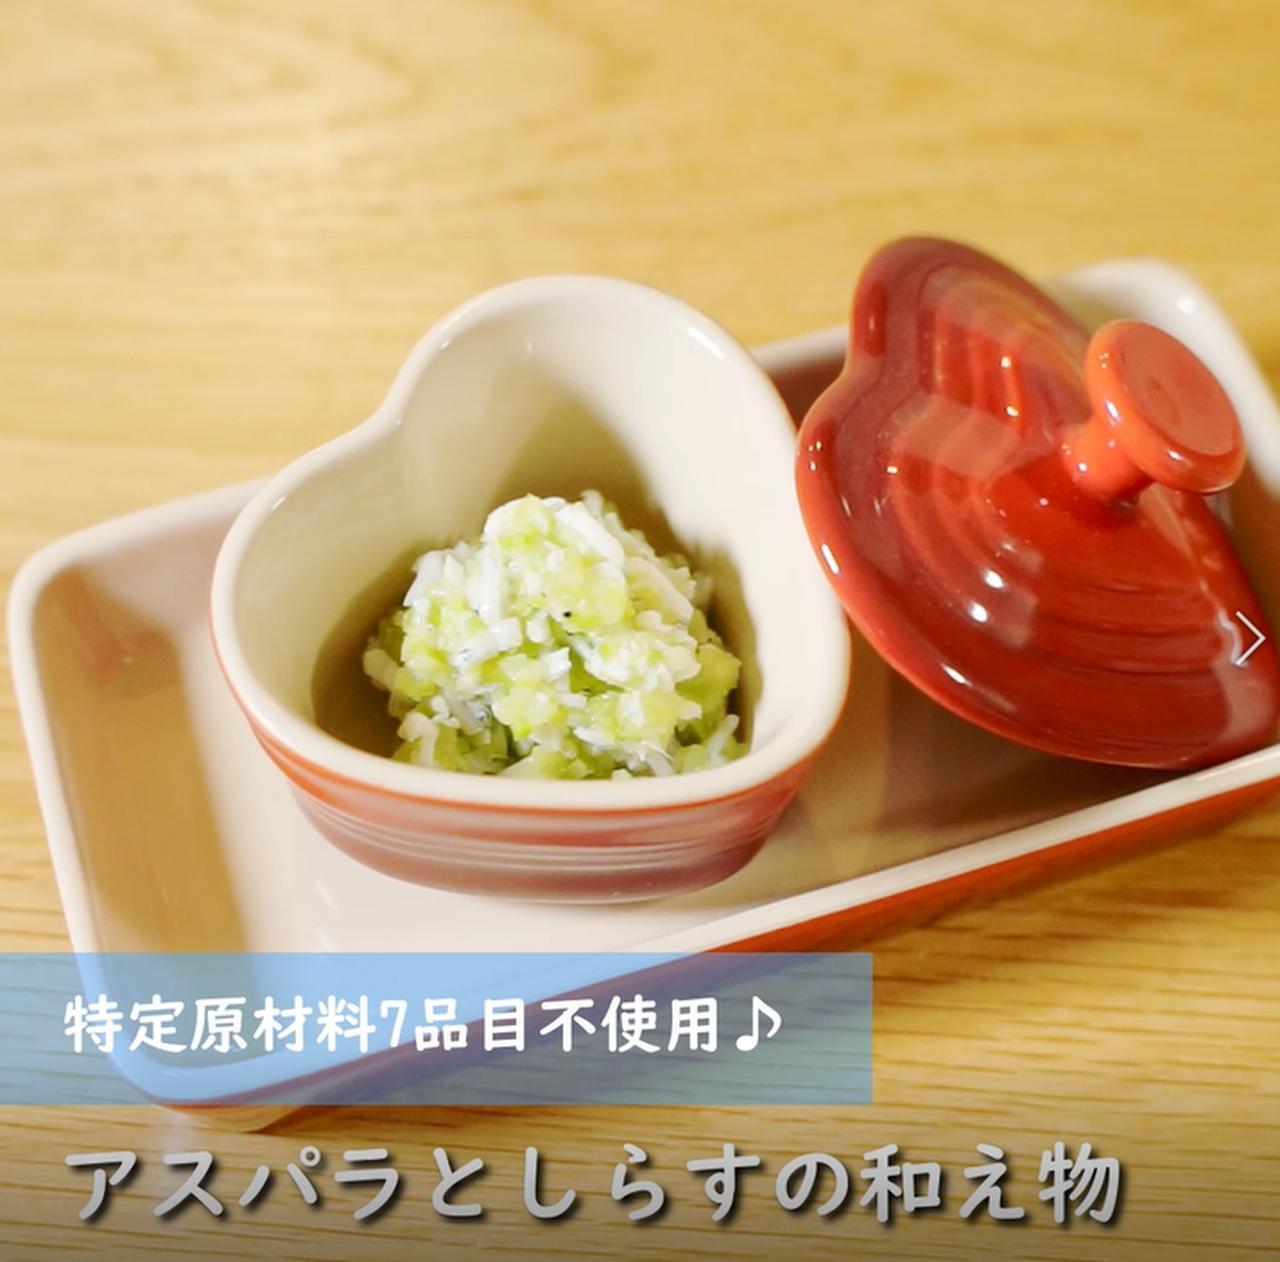 画像: 離乳食 中期レシピ!アスパラとしらす和え - 君とごはん